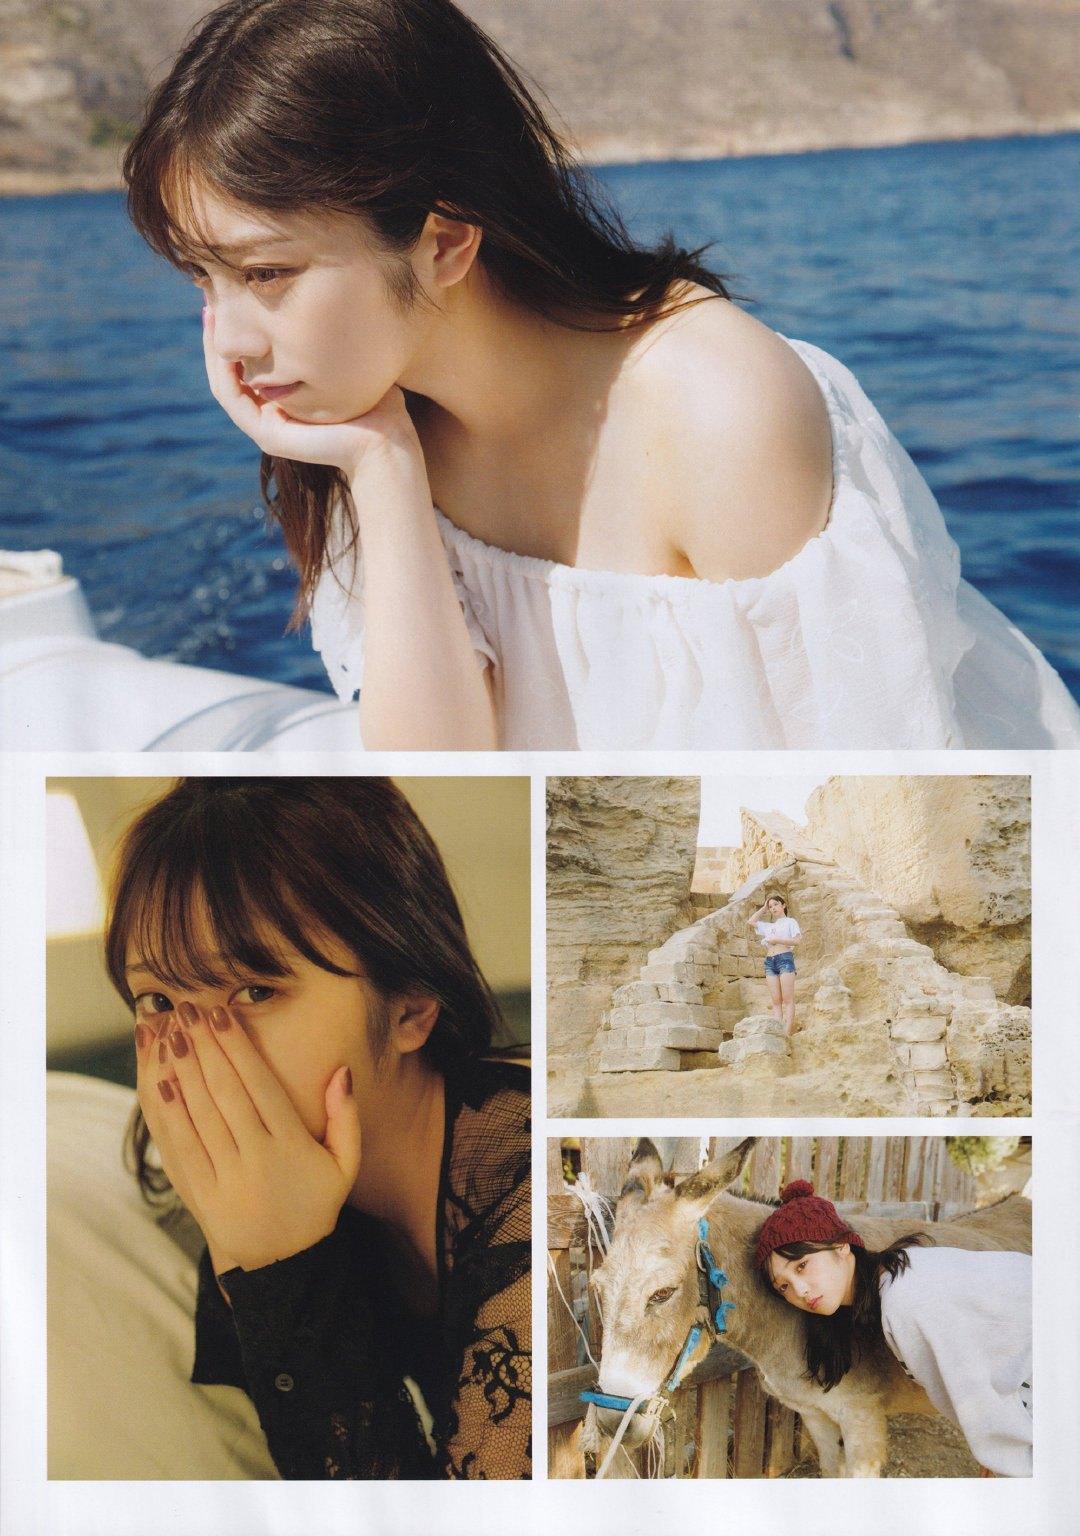 与田佑希清新脱俗美到让人深陷恋爱 养眼图片 第3张